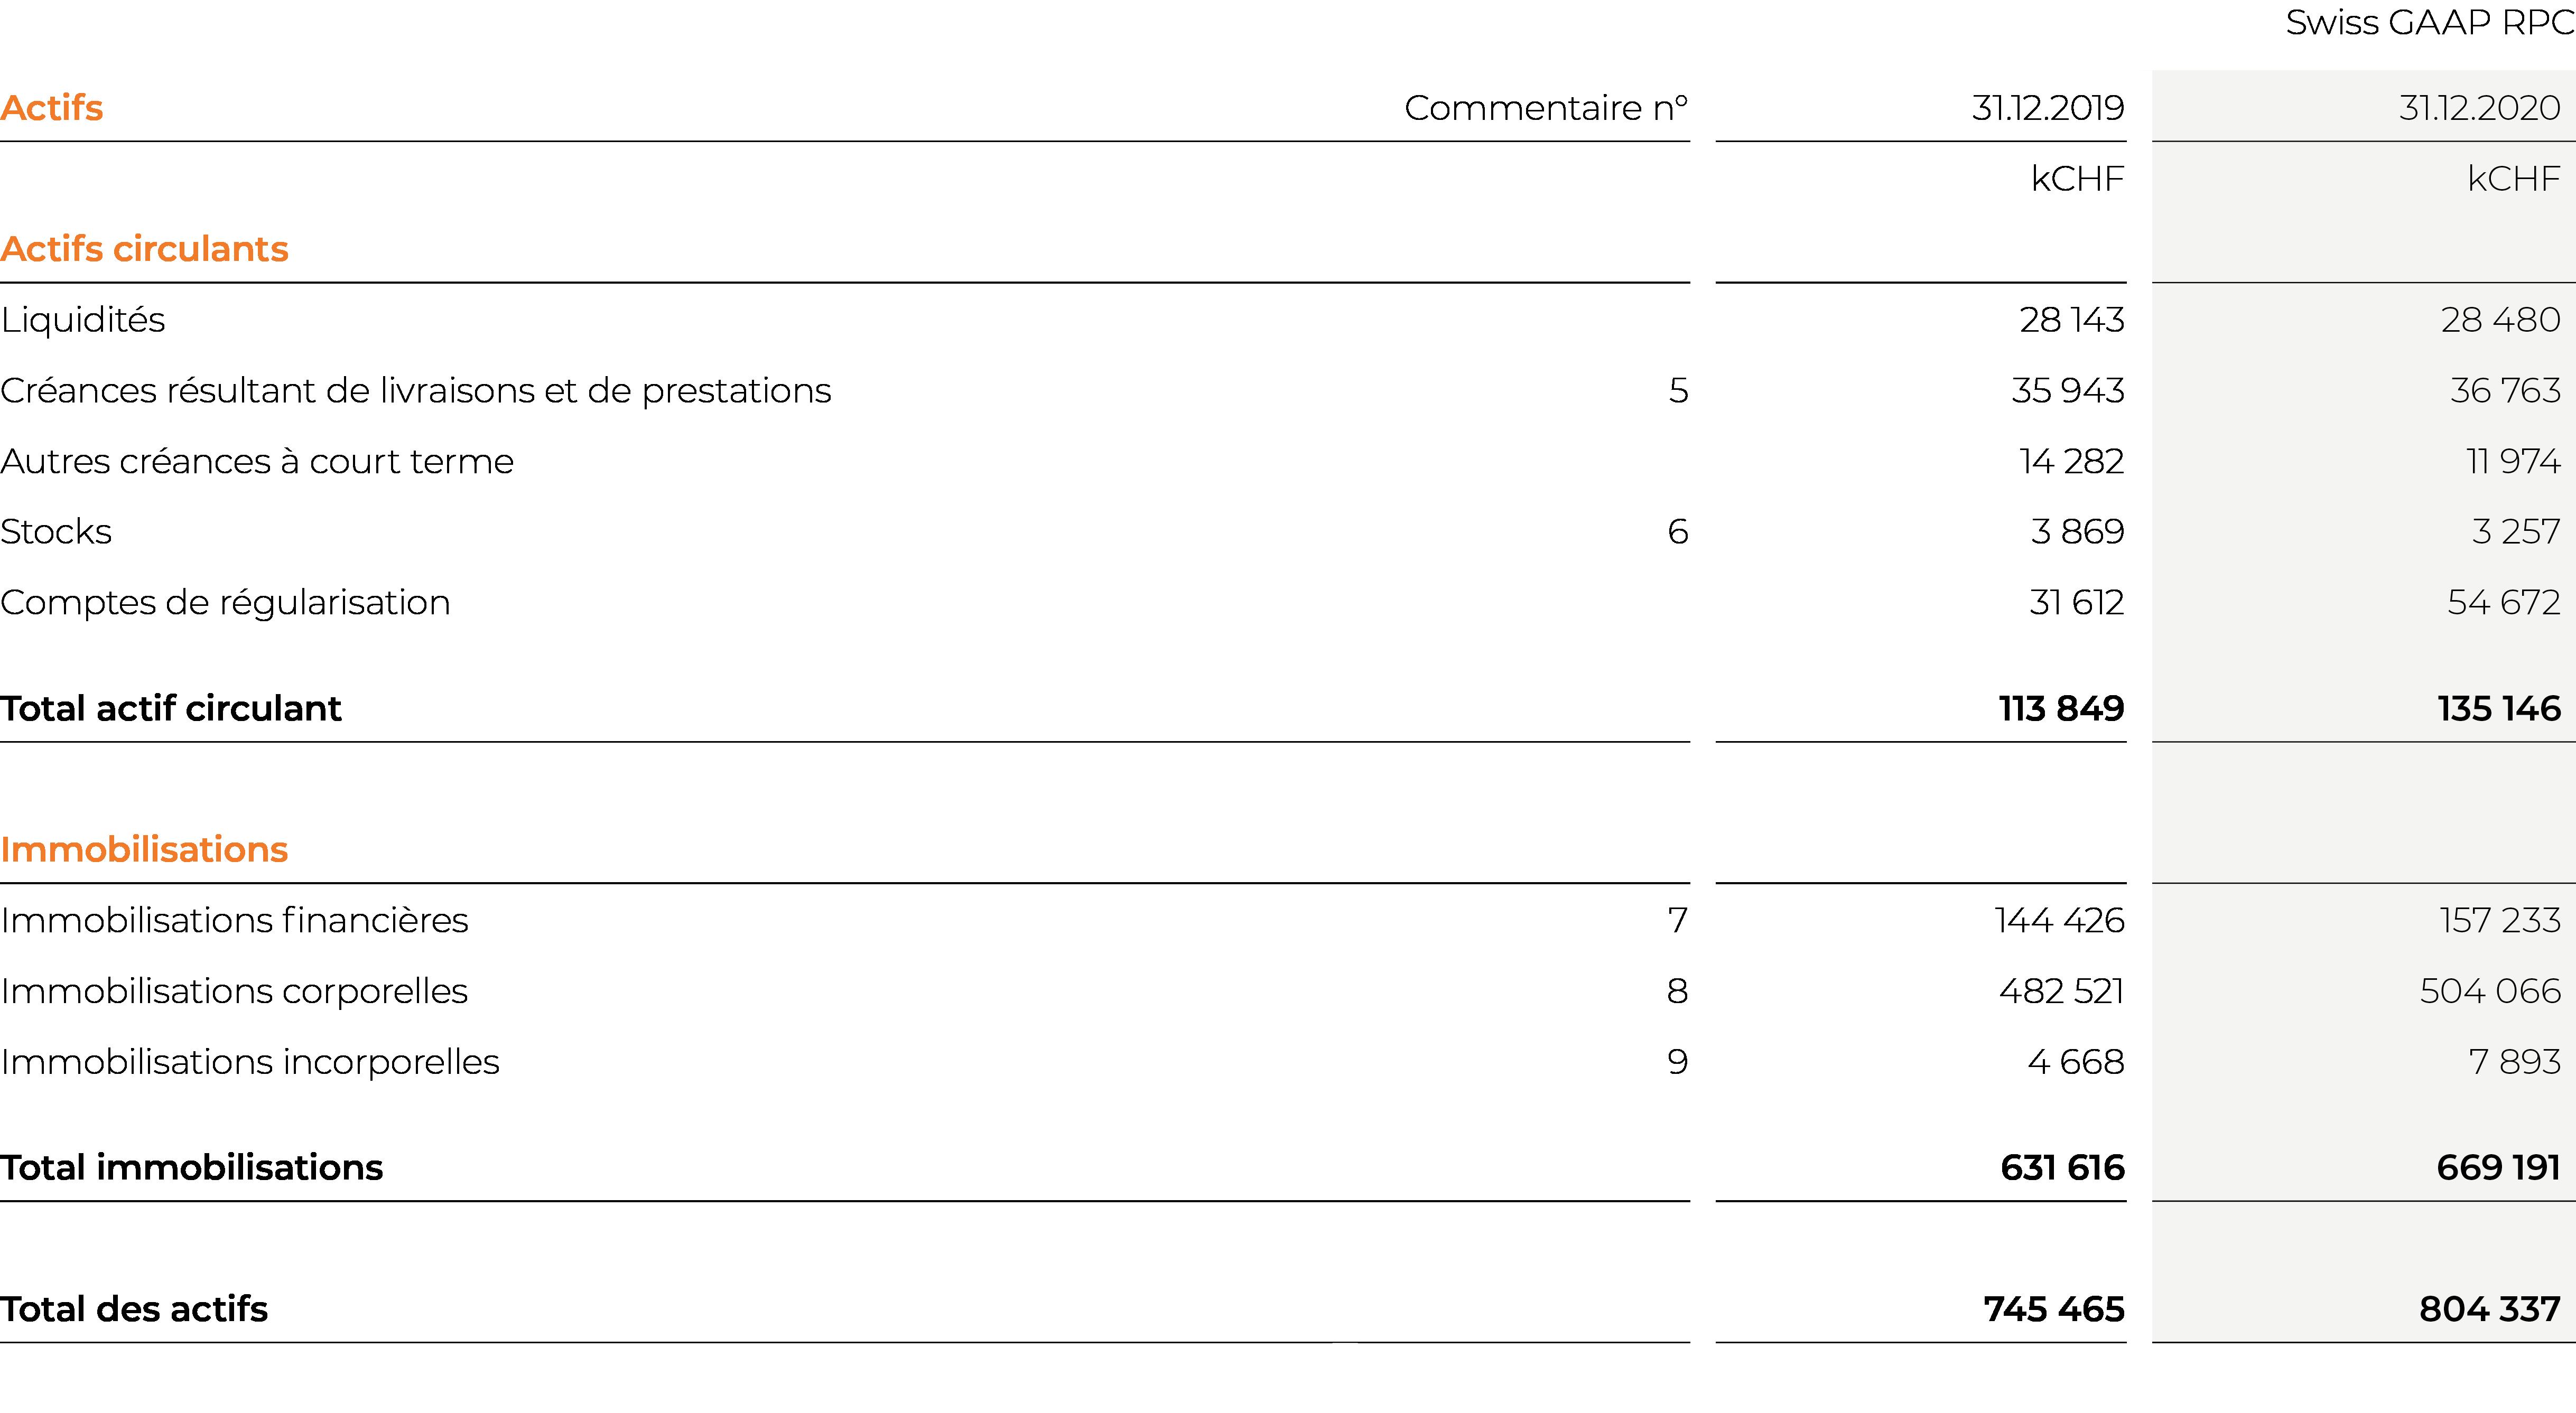 EBL_GB-20_Kons_Bilanz_Aktiven_FR